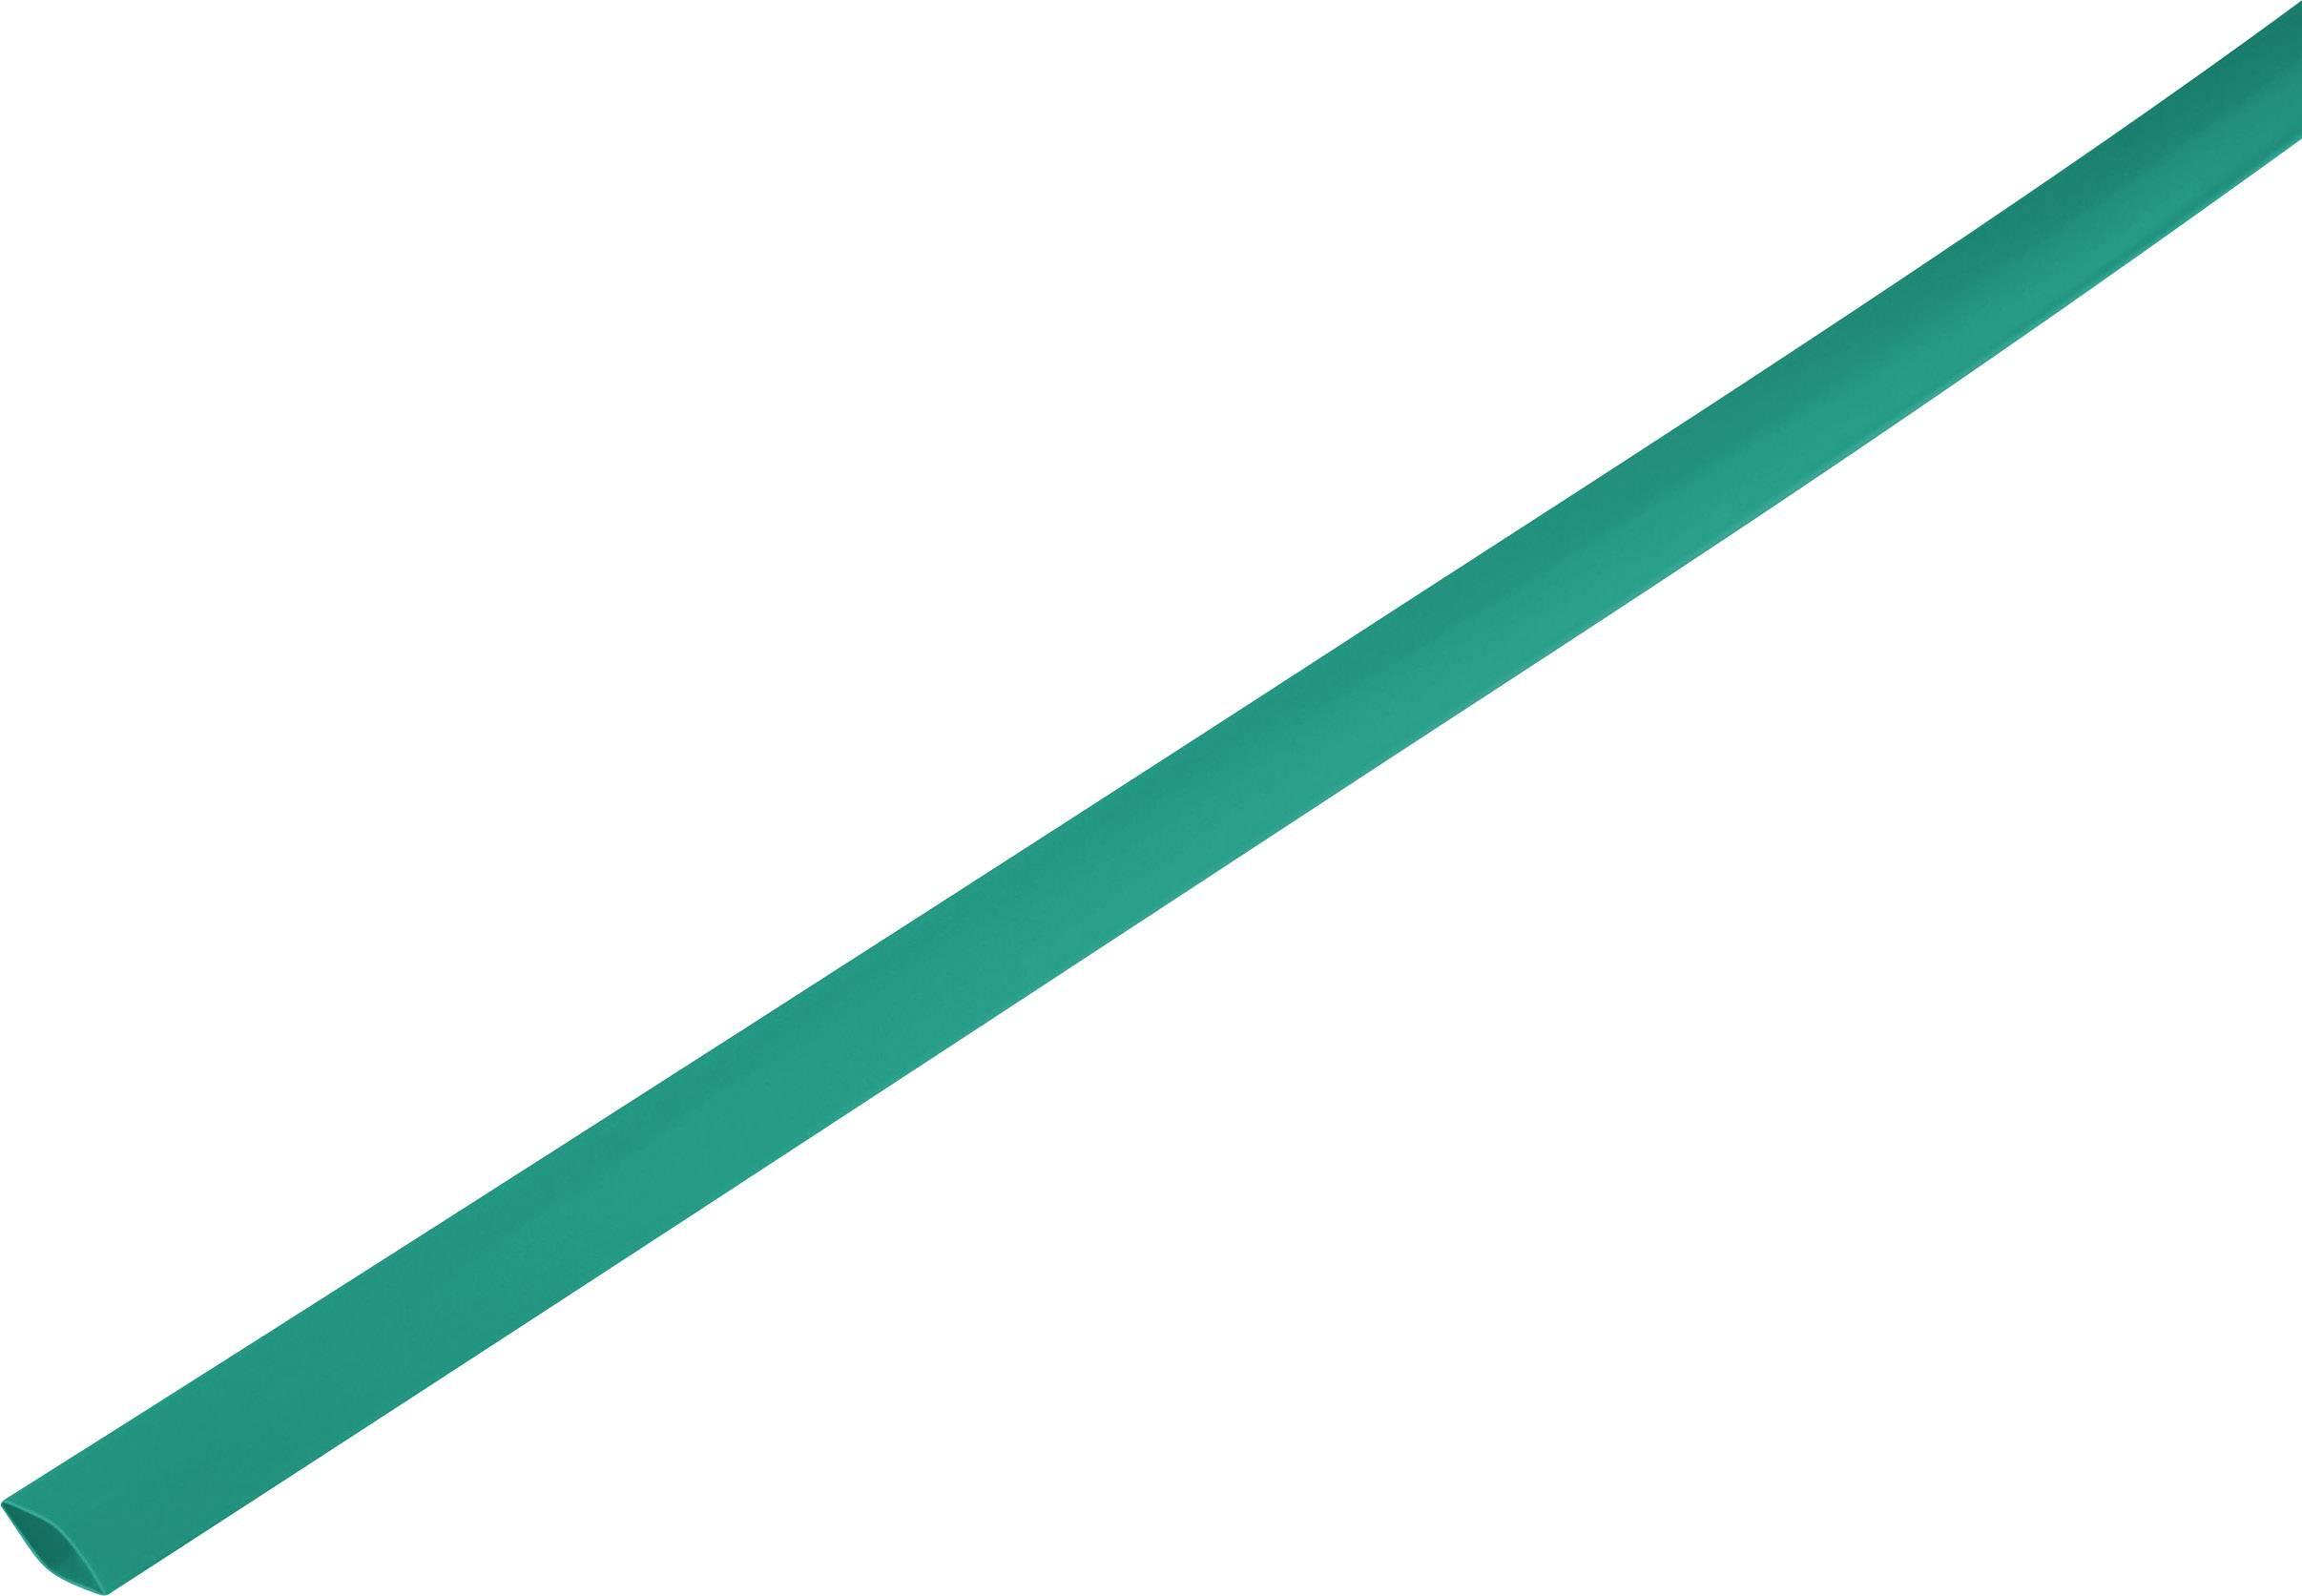 Zmršťovacia bužírka bez lepidla 1225416, 2:1, 6.50 mm, zelená, metrový tovar